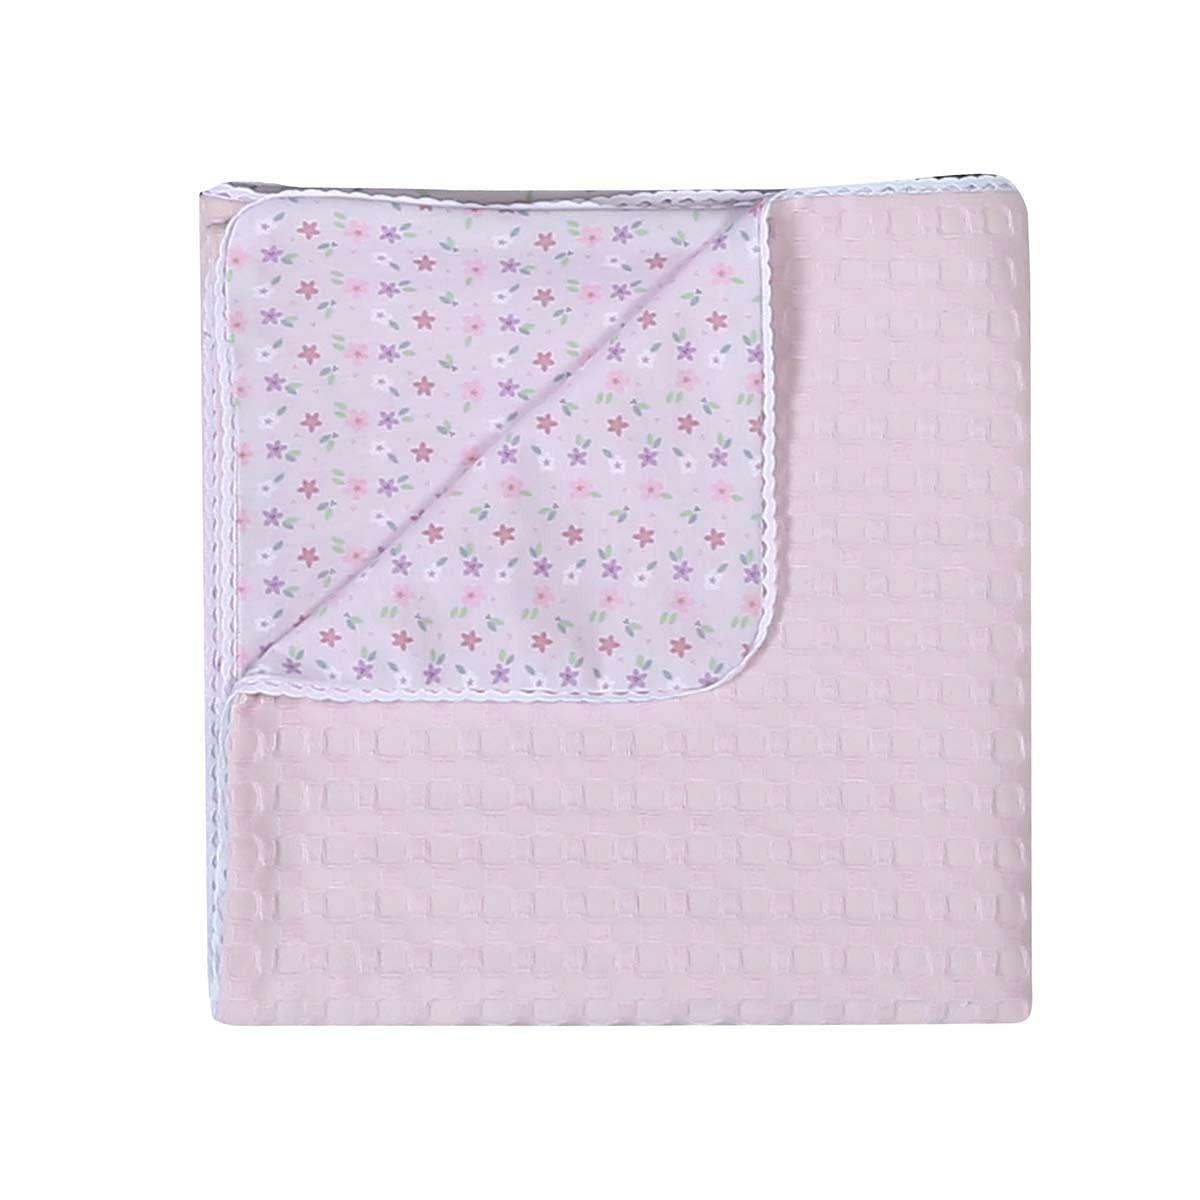 Κουβέρτα Πικέ Κούνιας - Jersey Nef-Nef Daily Pink home   βρεφικά   κουβέρτες βρεφικές   κουβέρτες καλοκαιρινές